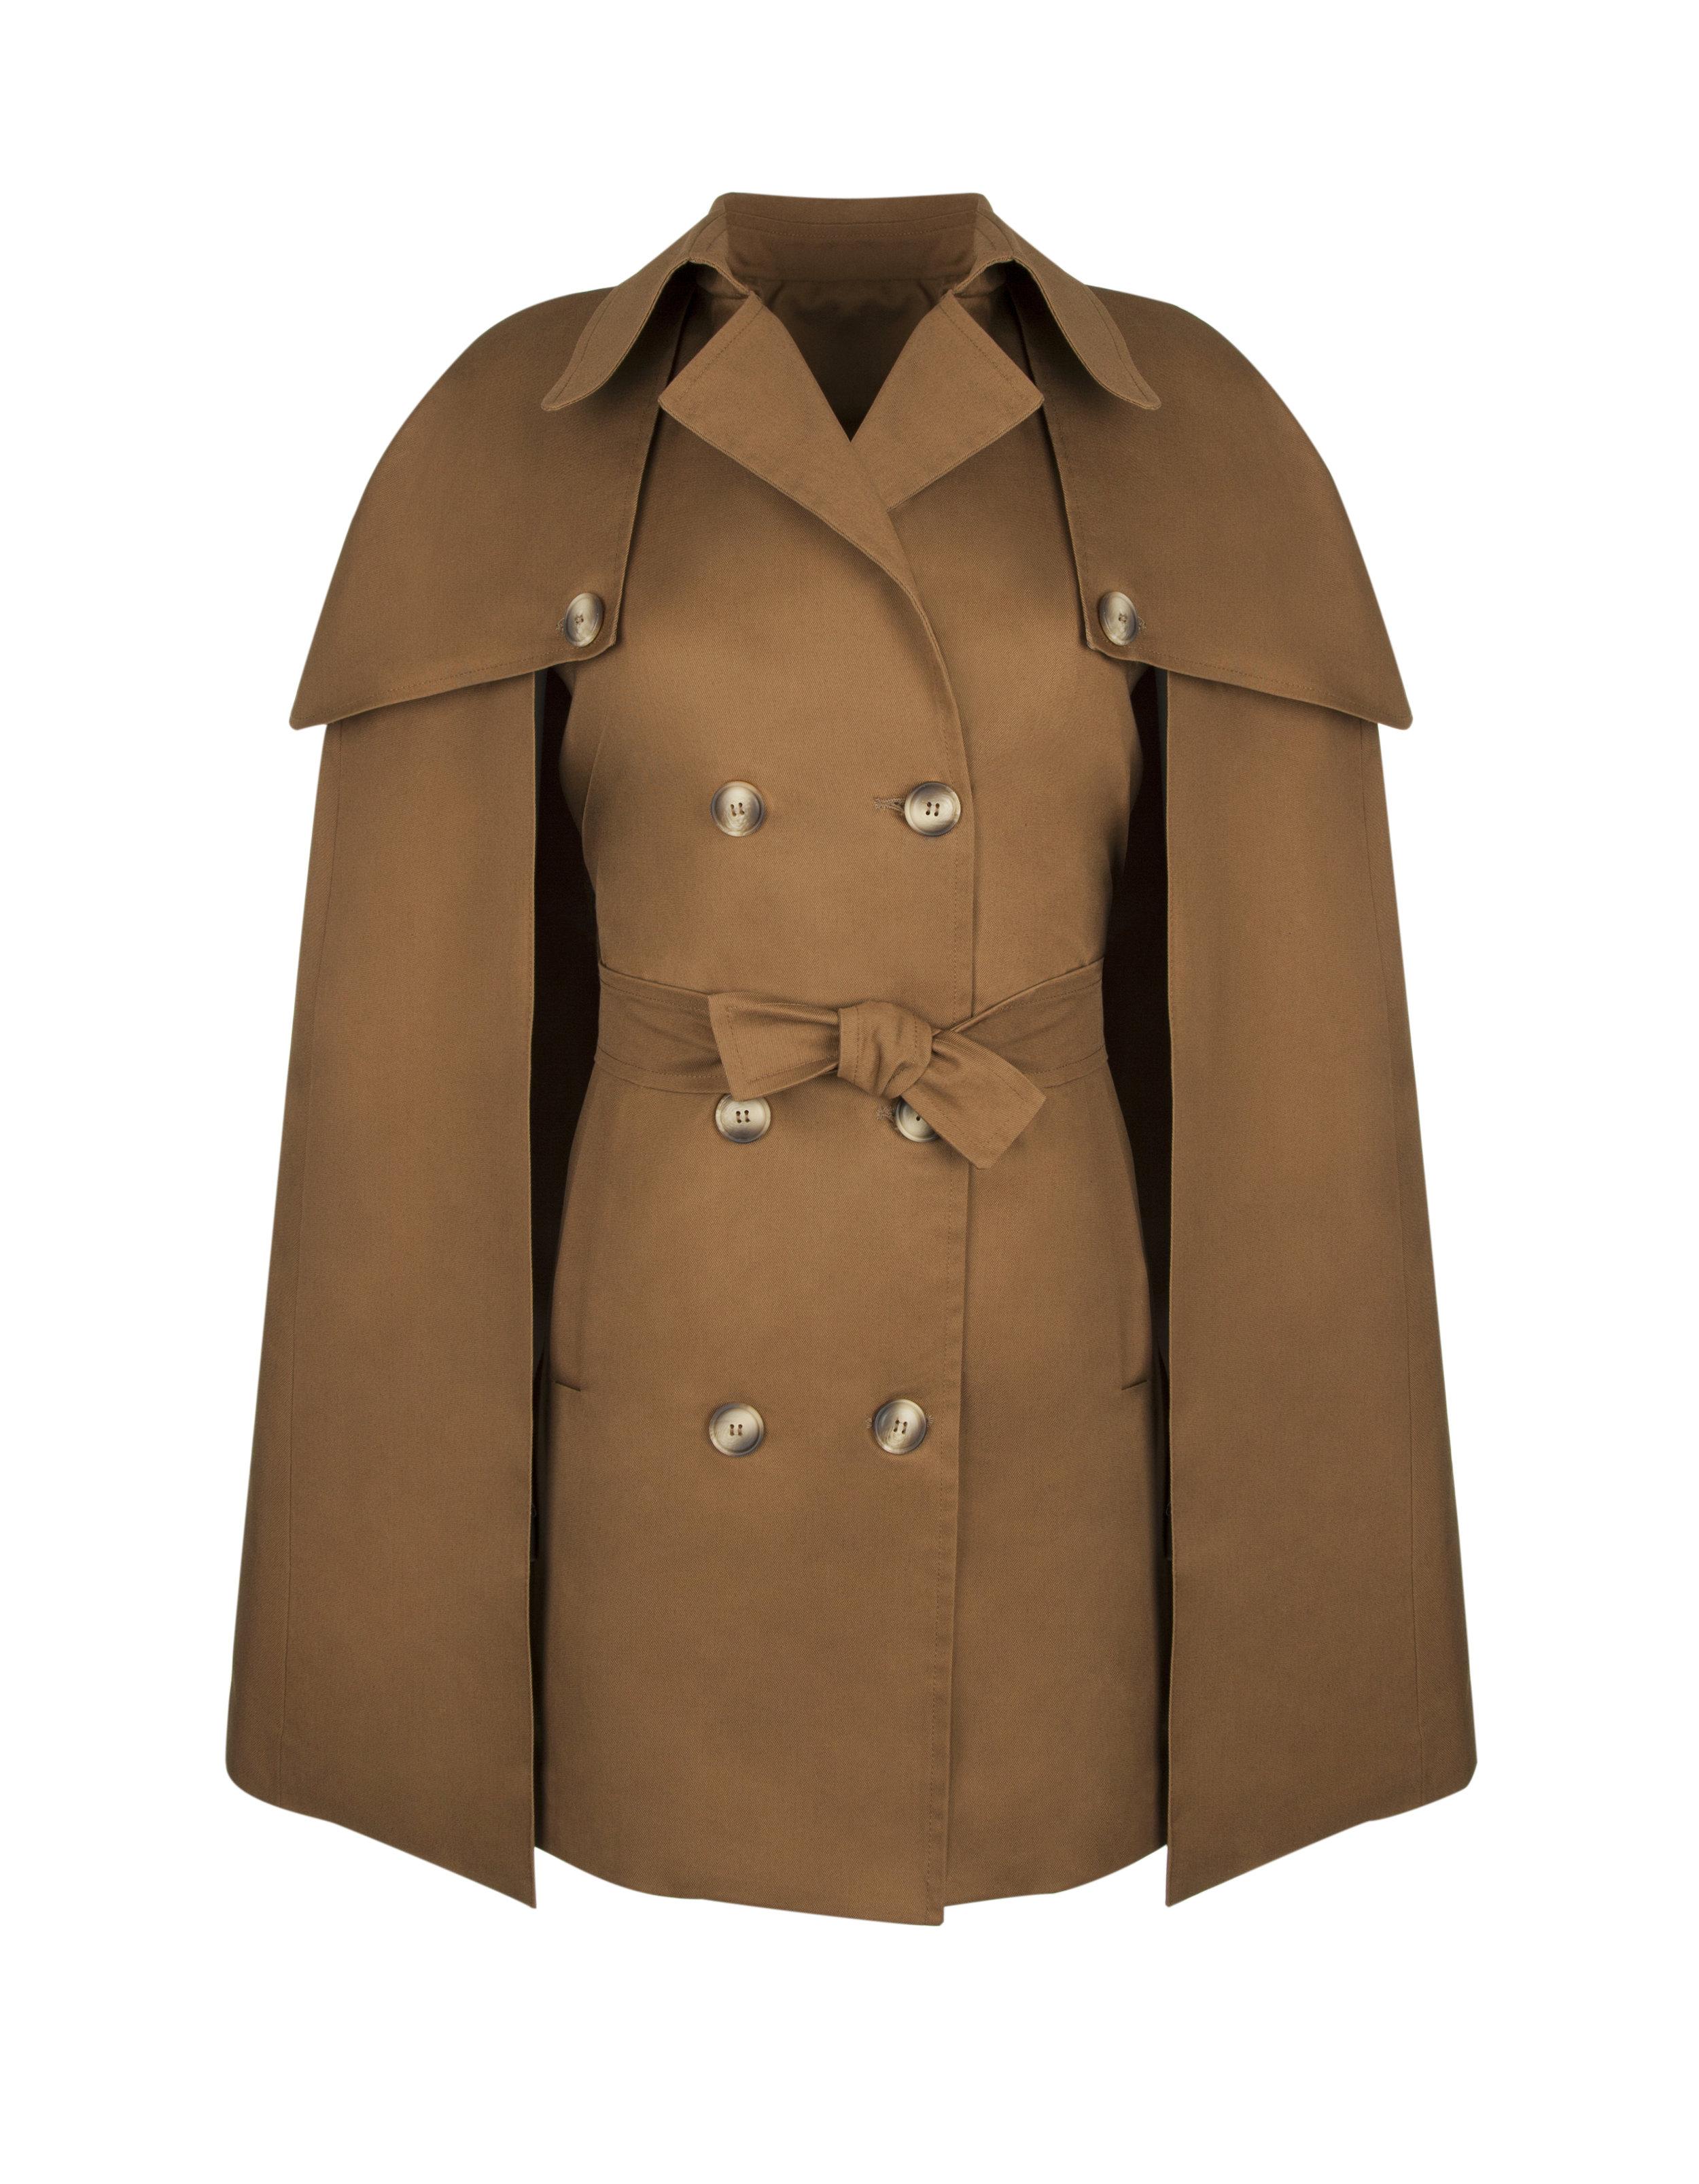 final Brown coat FRONT .jpg